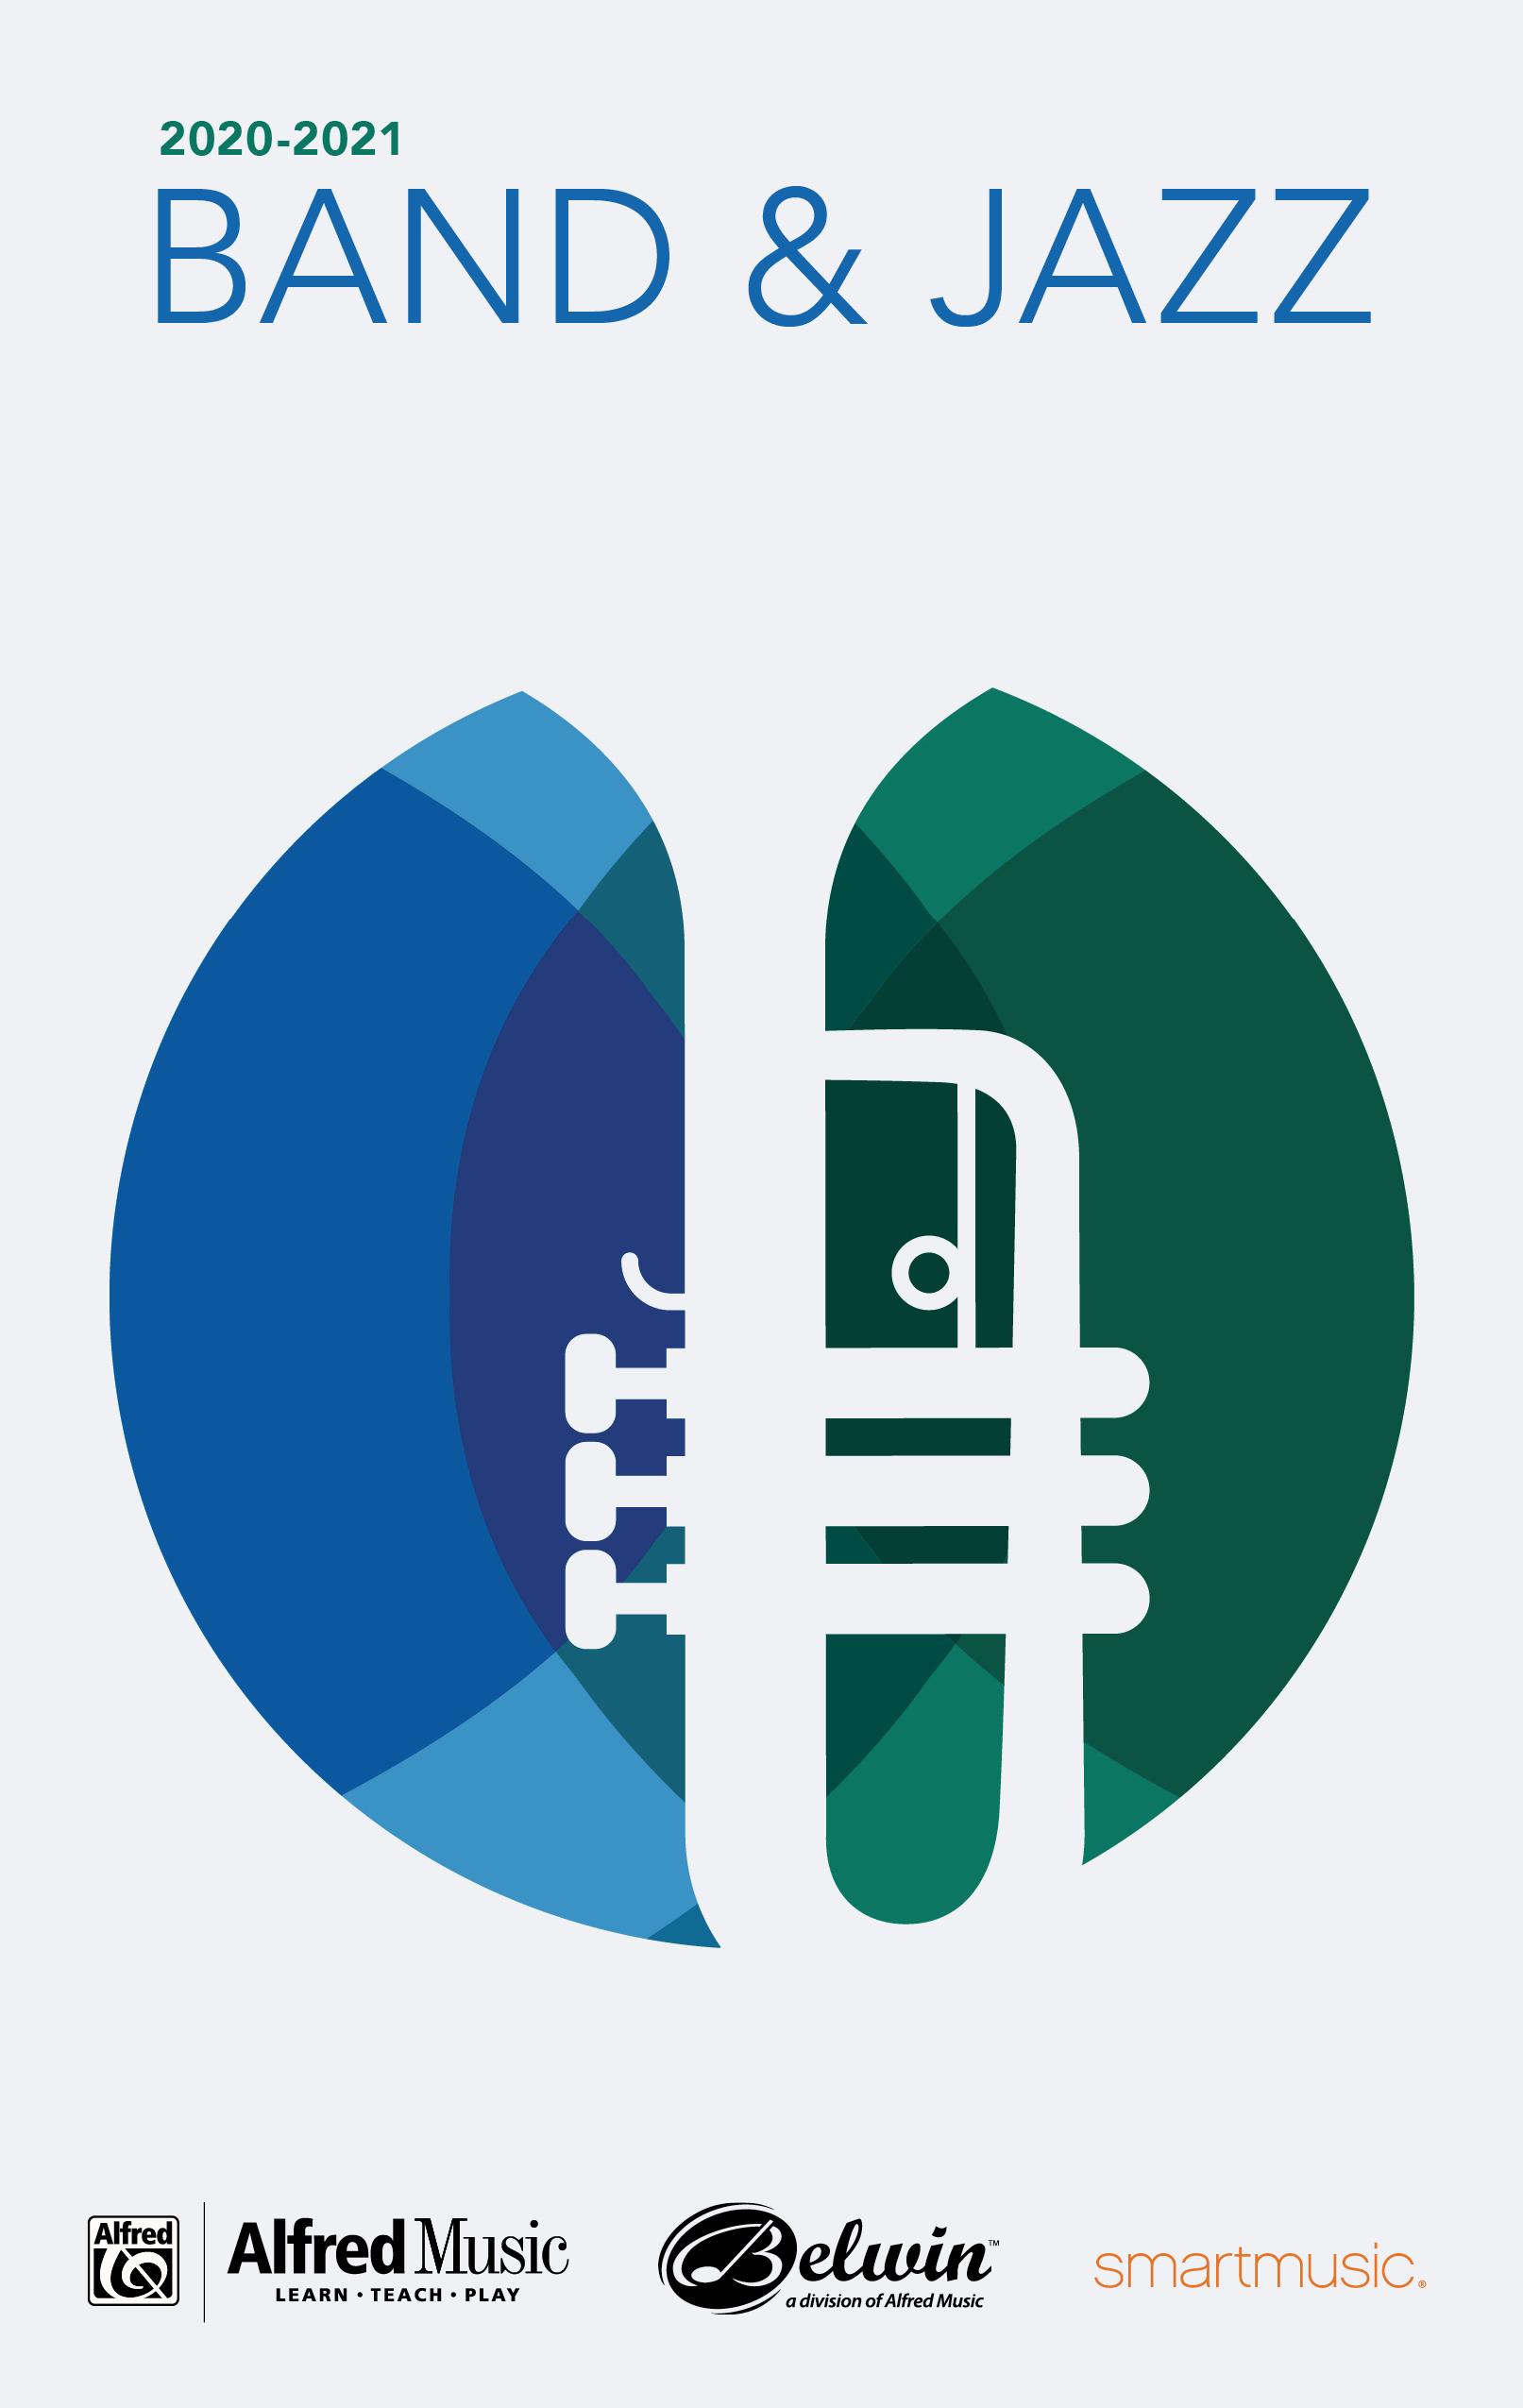 Band & Jazz Promo 2020